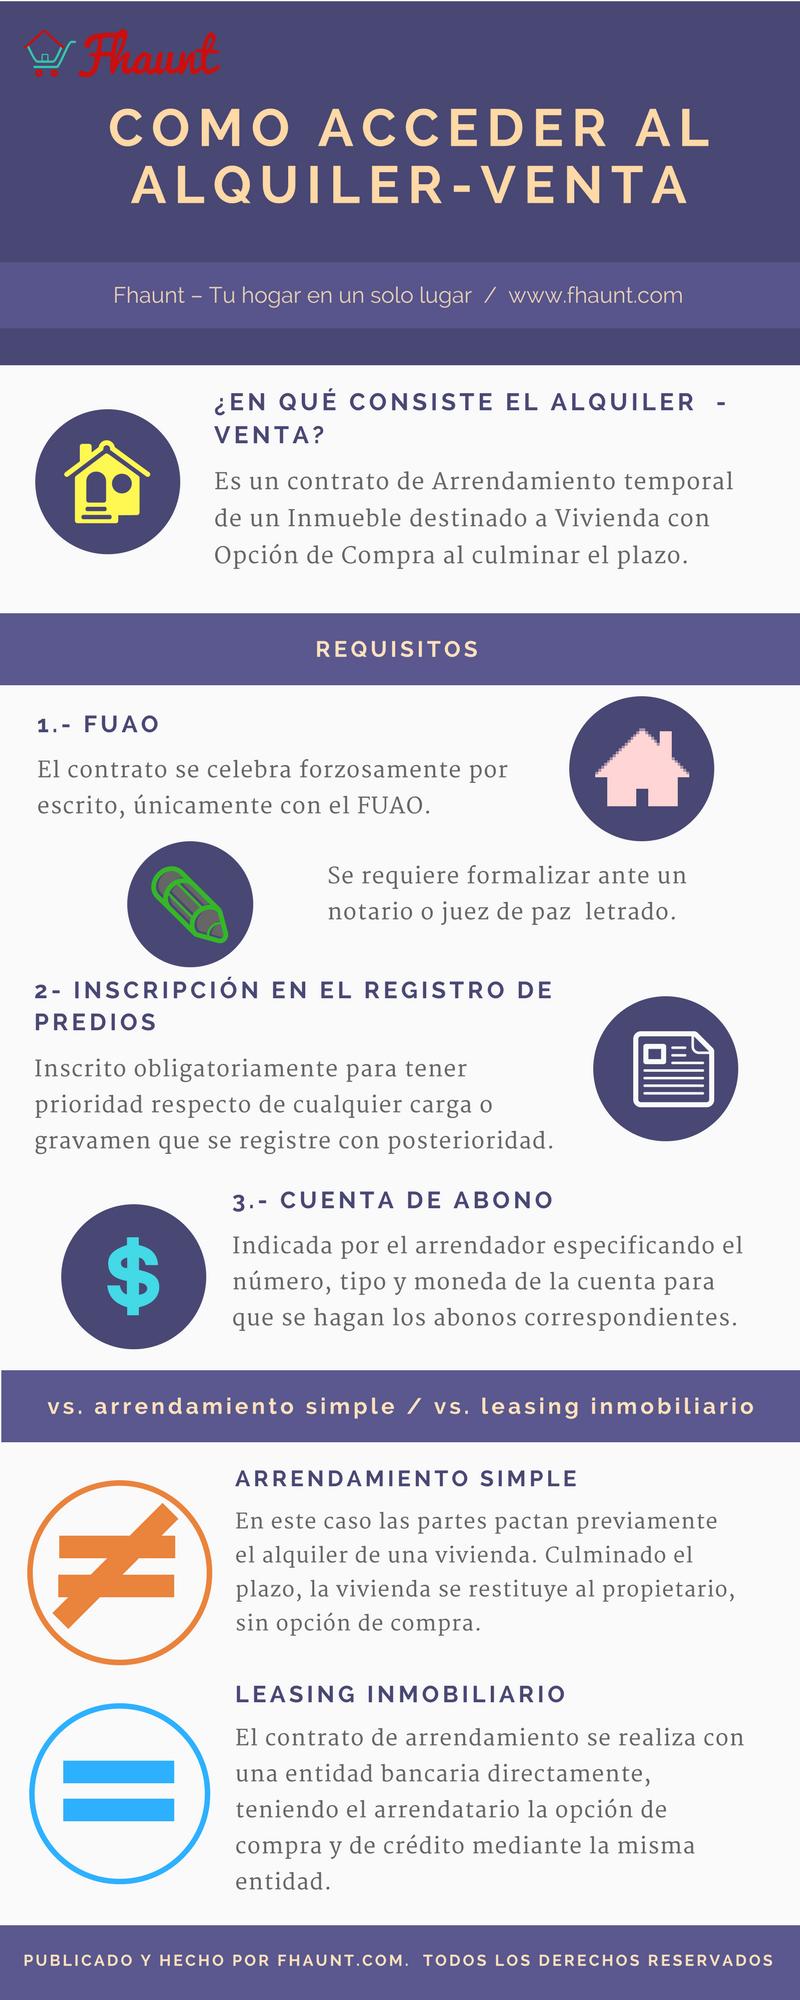 Infografia sobre la modalidad de alquiler venta en Peru